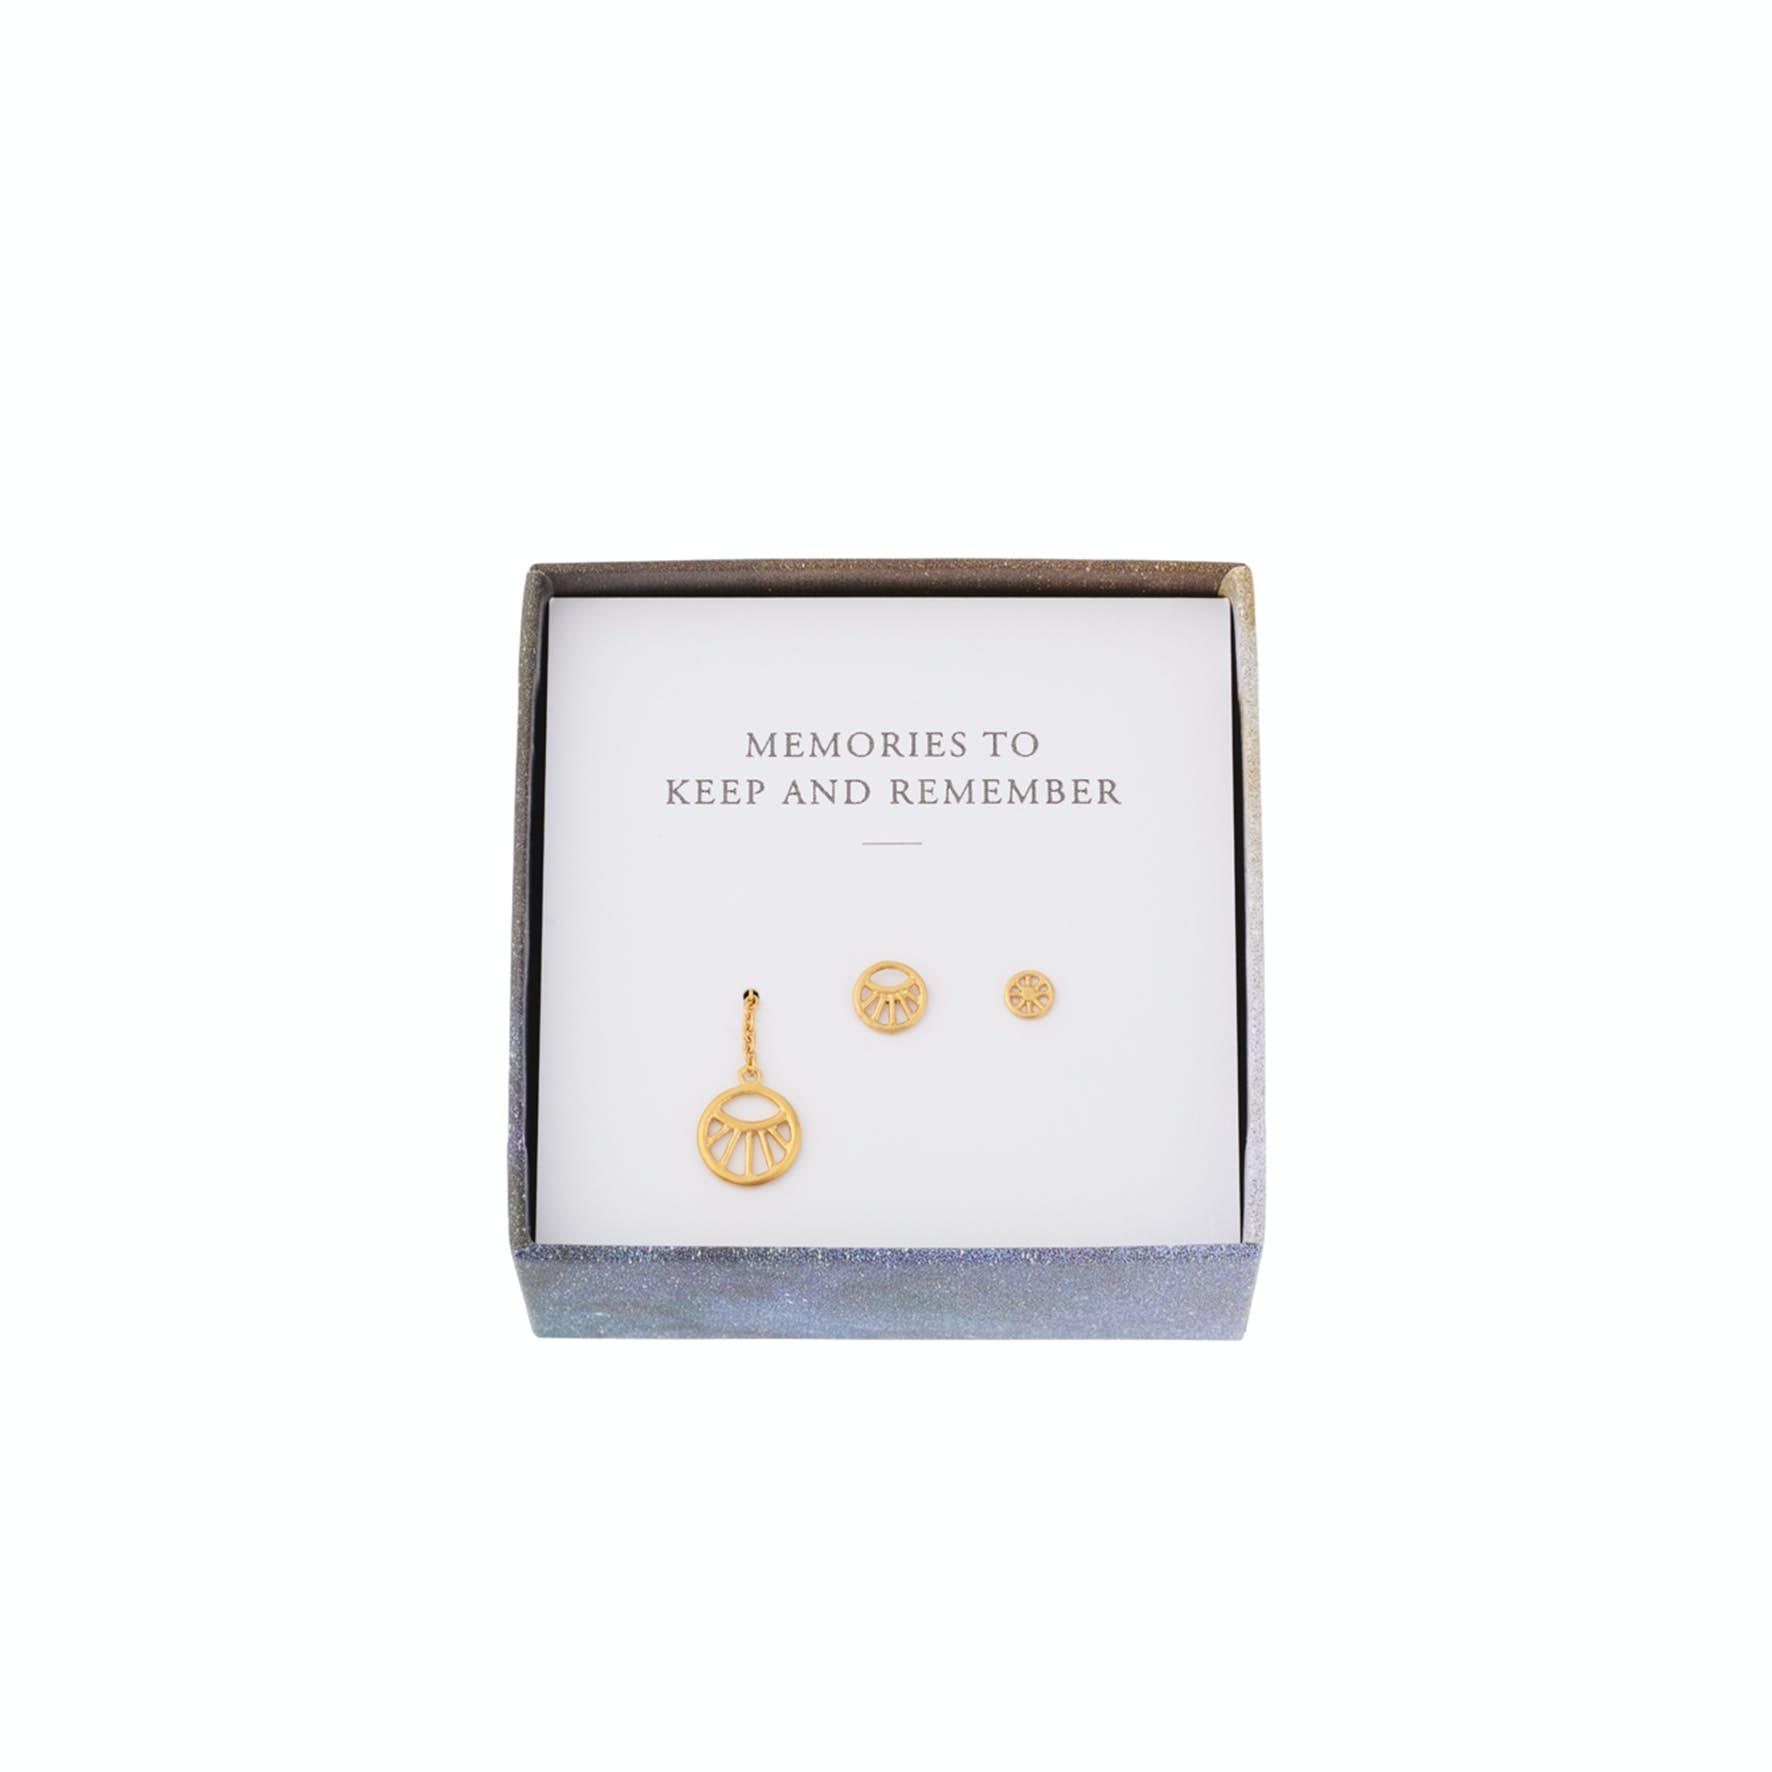 Dream Earring Box von Pernille Corydon in Vergoldet-Silber Sterling 925